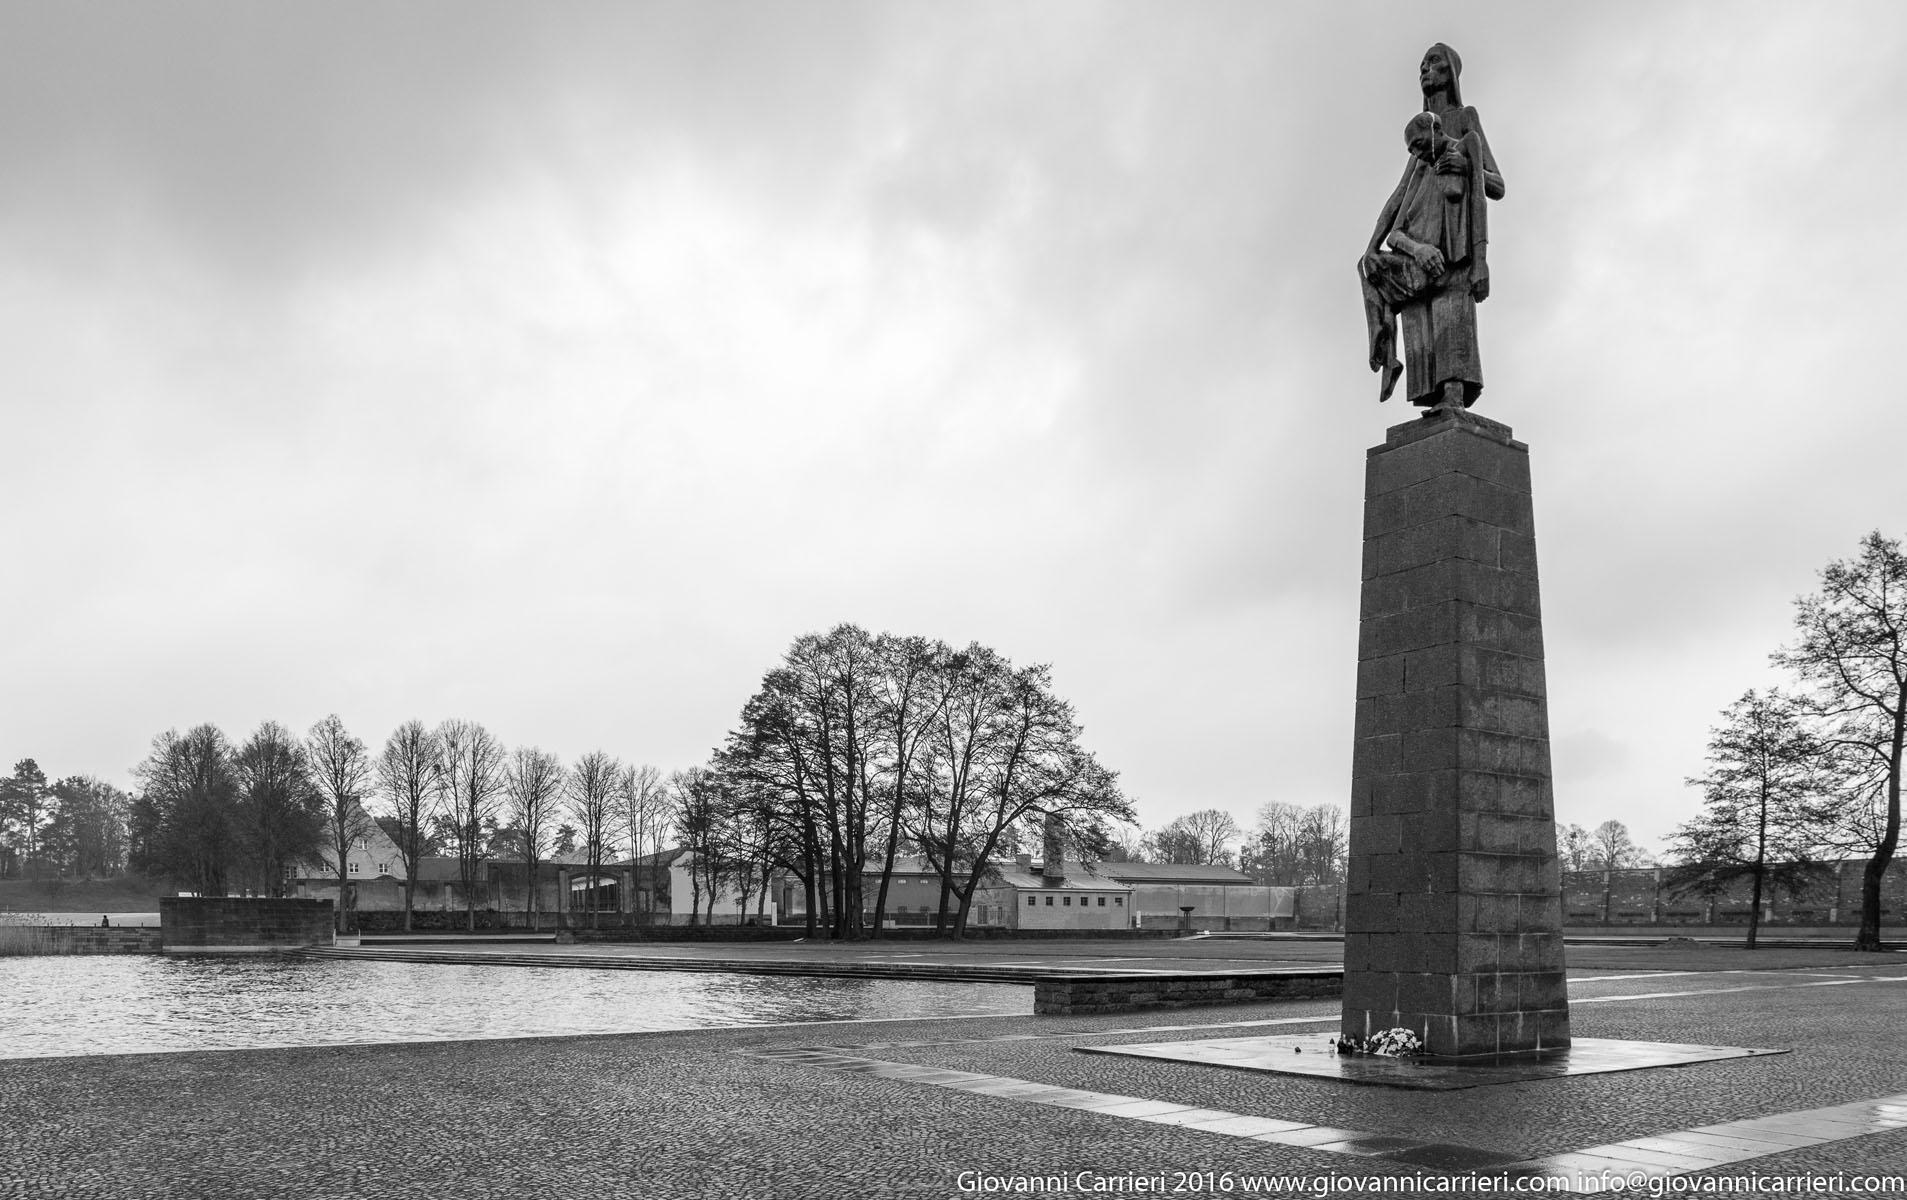 La statua commemorativa, di Will Lammert, Tragende